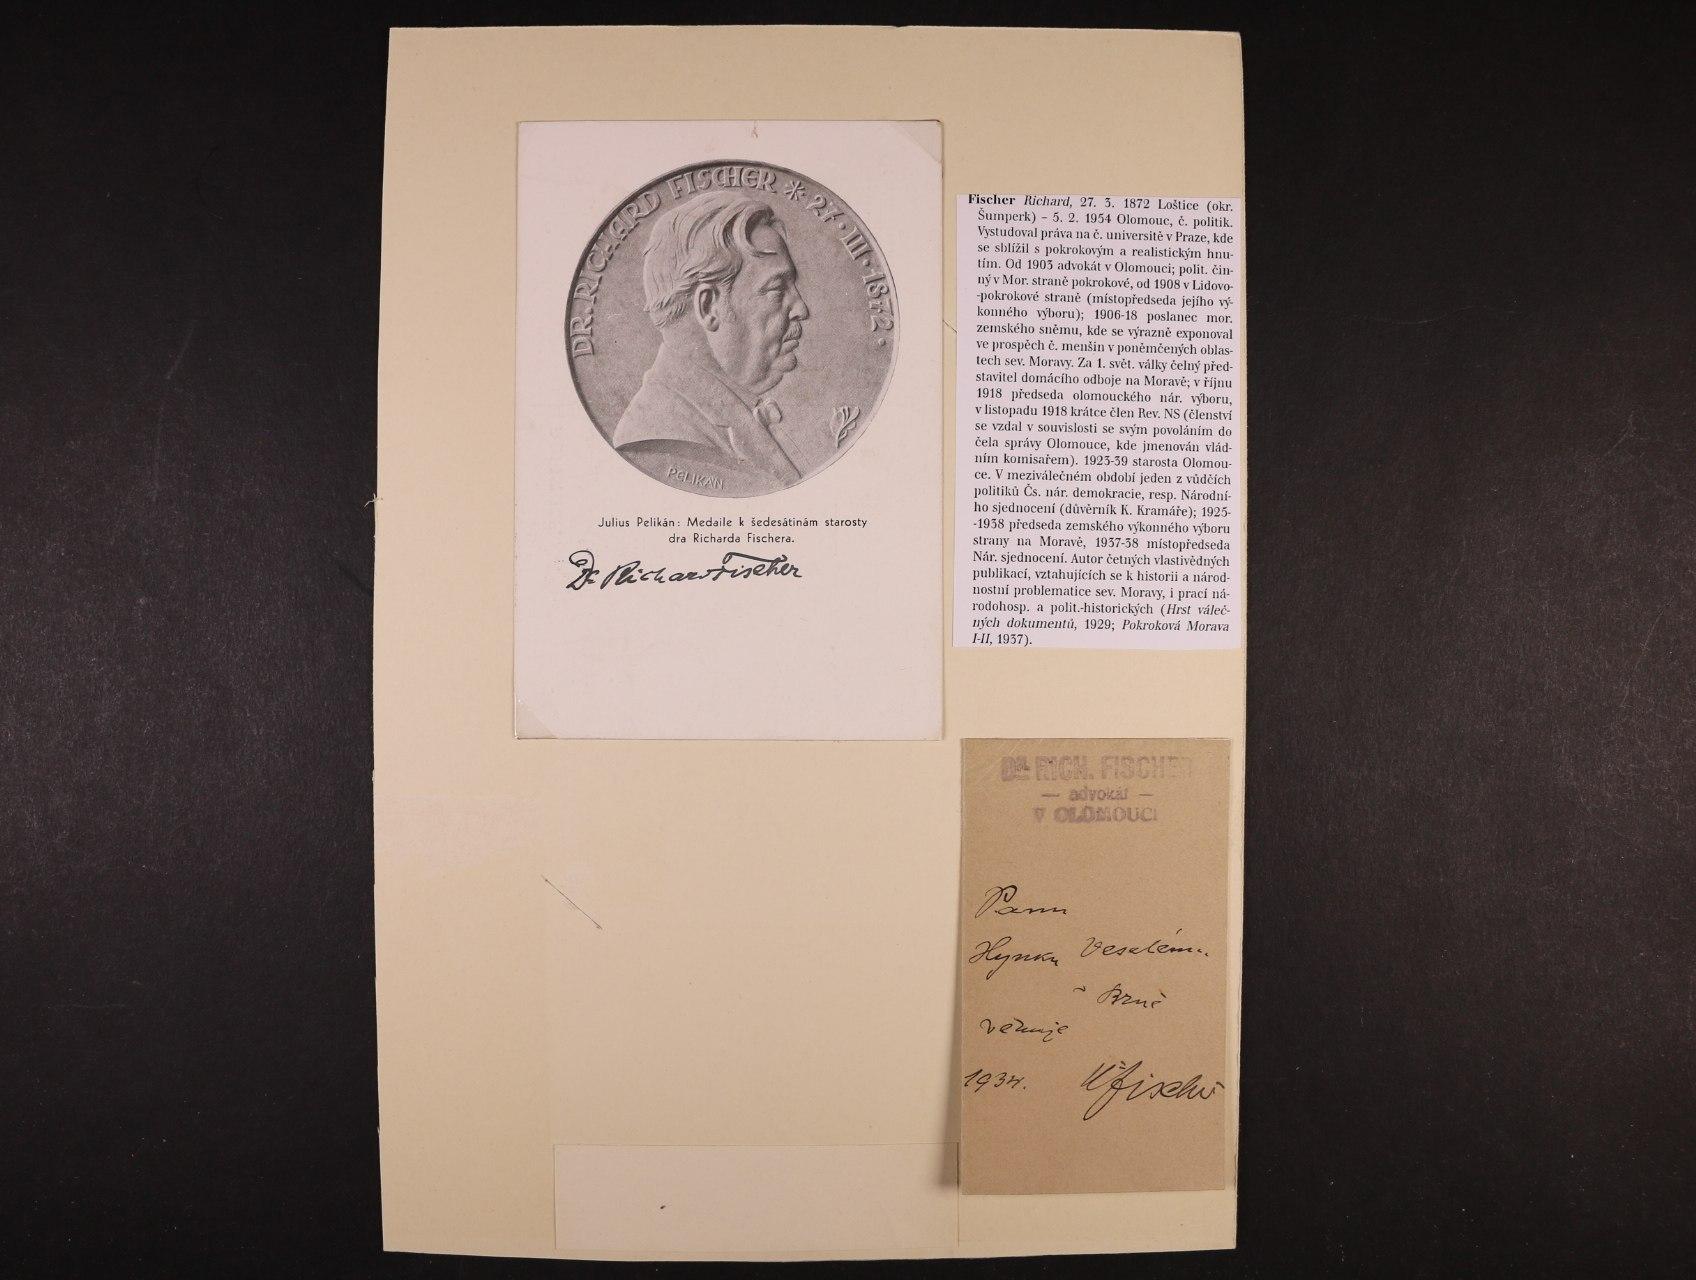 Fischer Richard 1872 - 1954, český politik, poslanec Moravského zemského sněmu, starosta Olomouce - pohlednice s vlastnoručním podpisem, lístek s věnováním a dopis s vlastnoručním podpisem